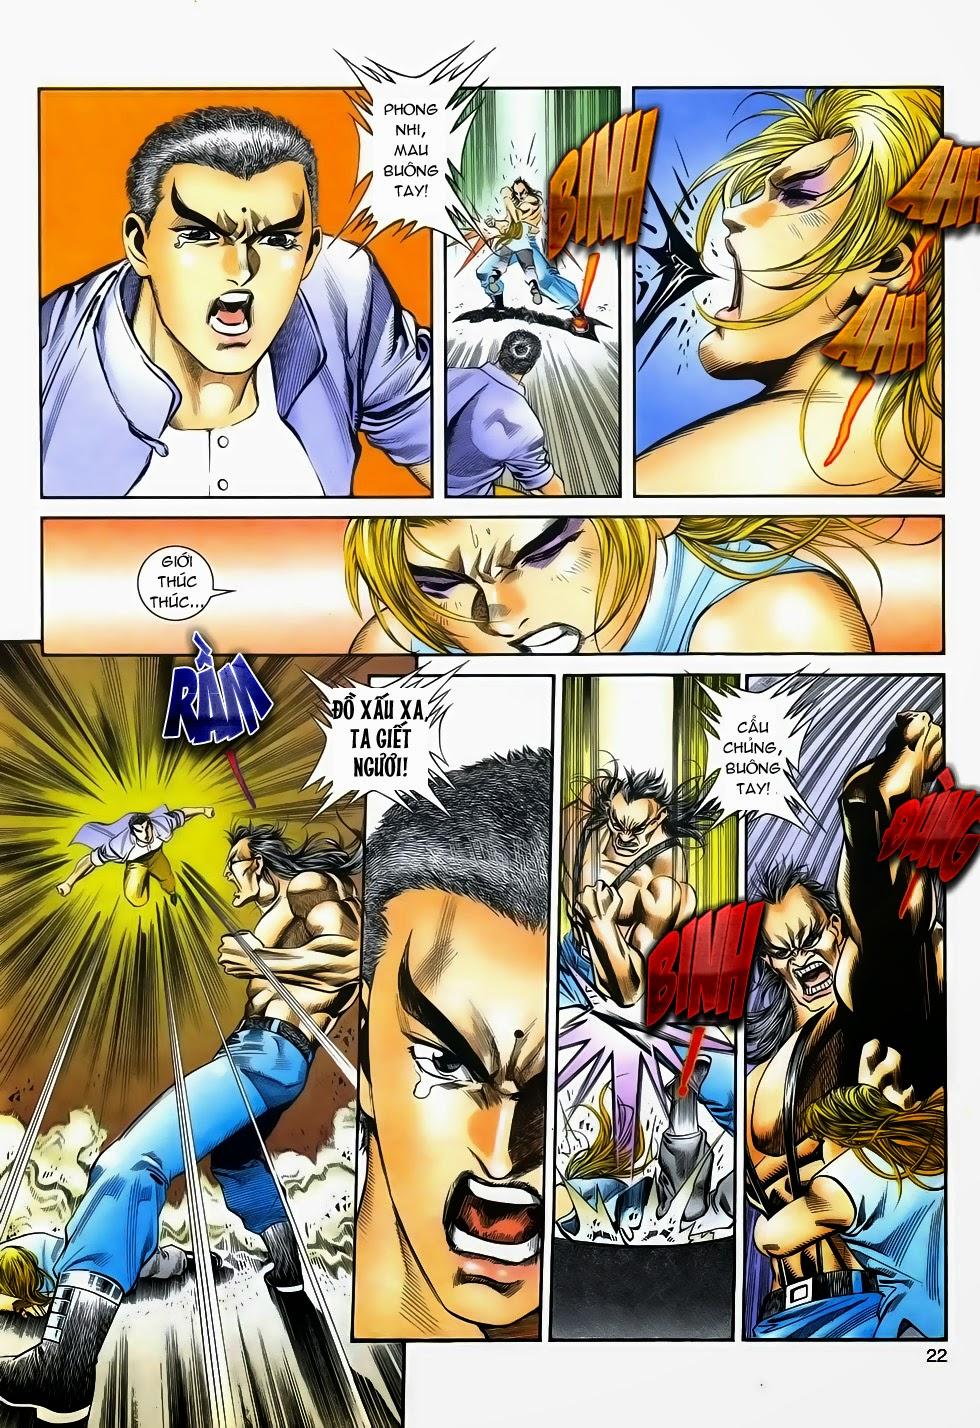 Long Hổ Phong Bạo chap 3 - Trang 22